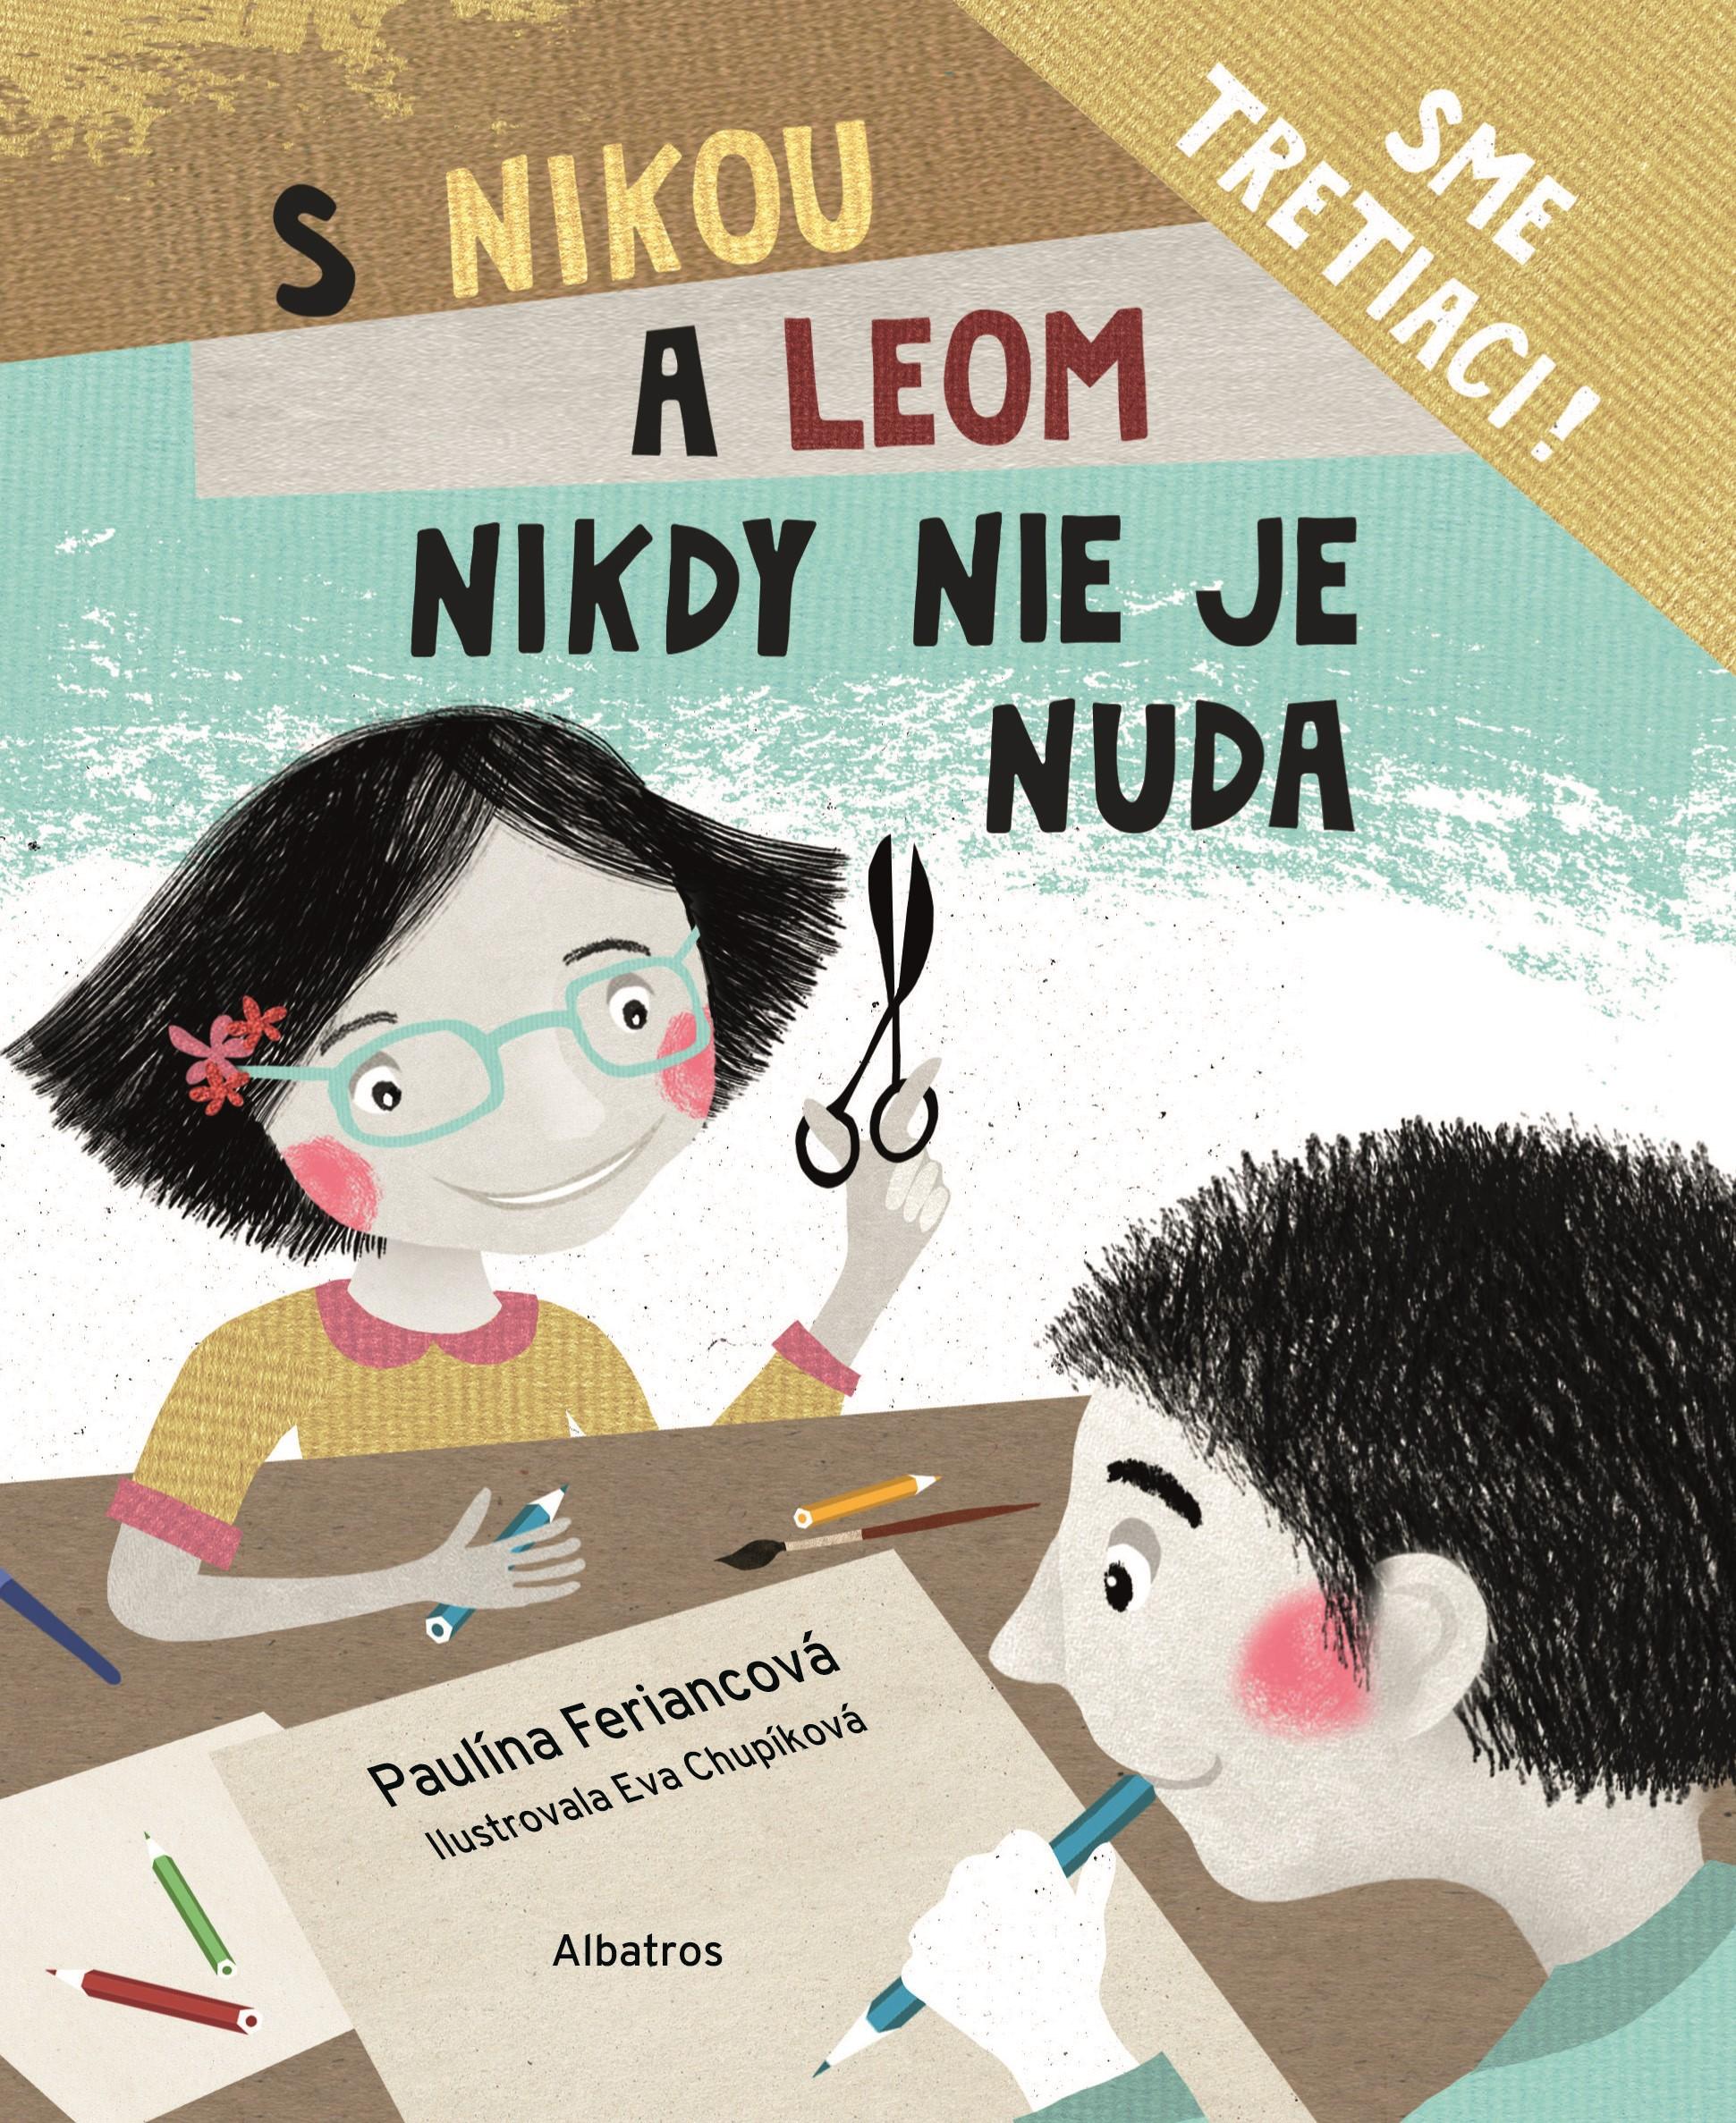 S Nikou a Leom nikdy nie je nuda - Paulína Feriancová